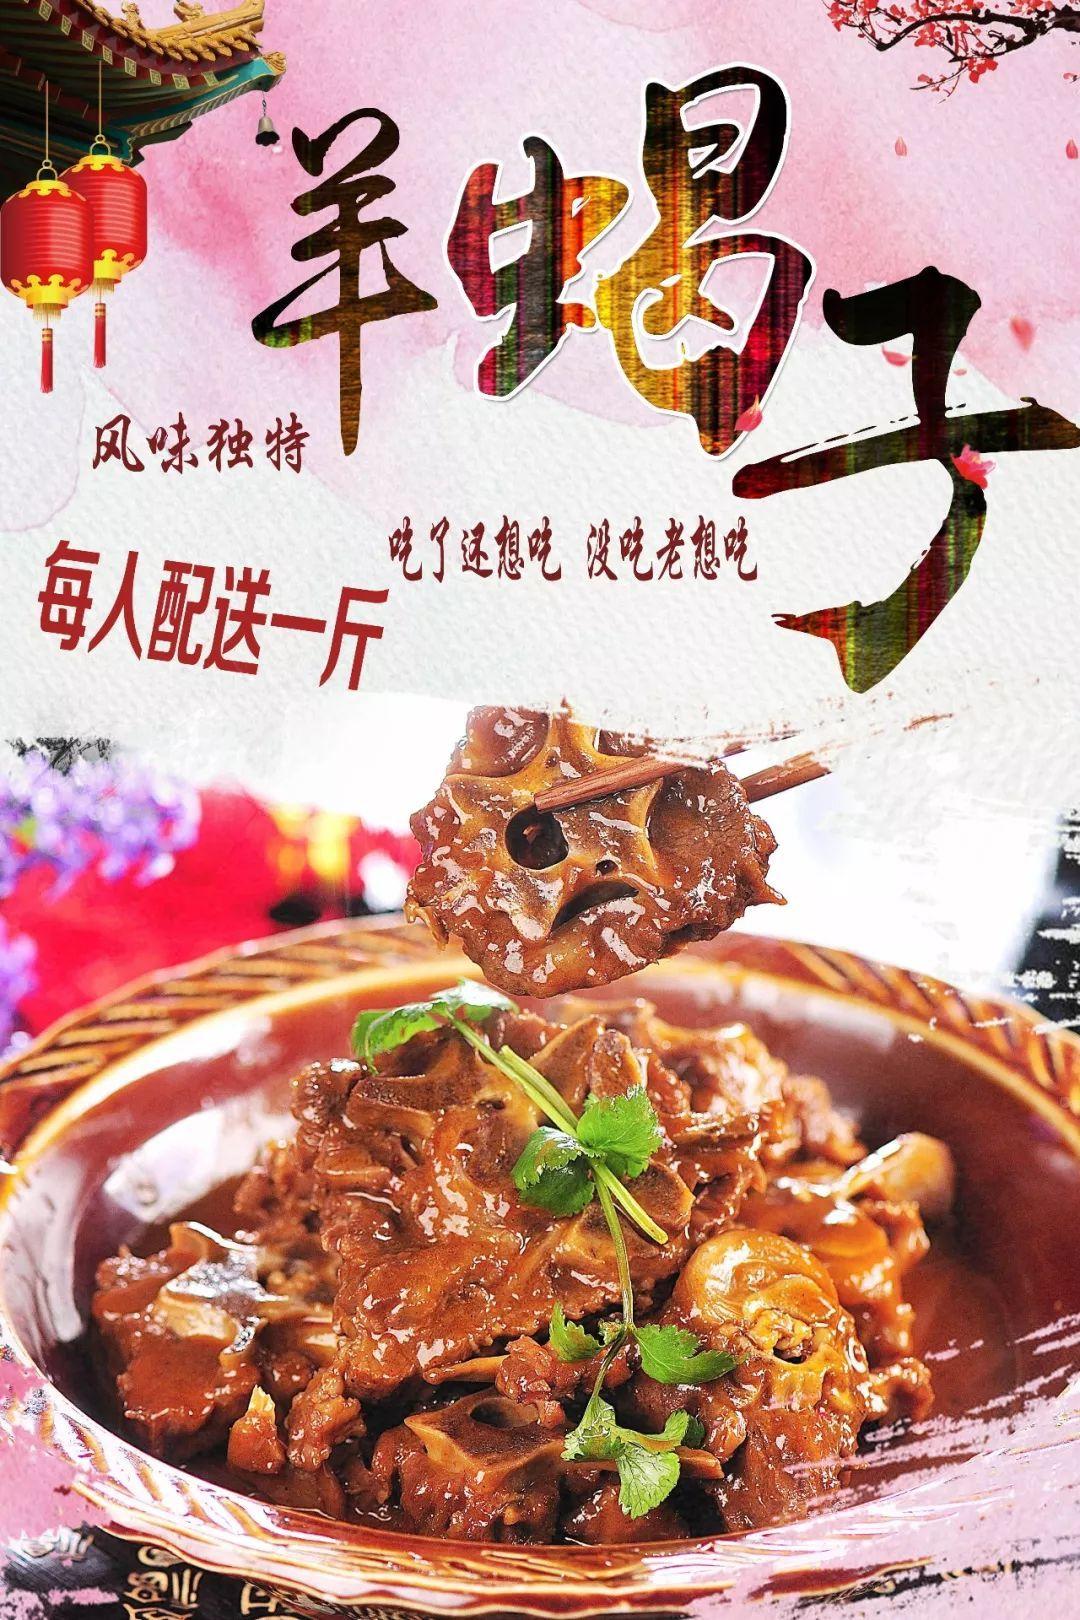 【大全吃货】做法们颤抖吧!68元吃自助吃货羊排骨福利!蝎子火锅炖土豆的糖醋海鲜图片